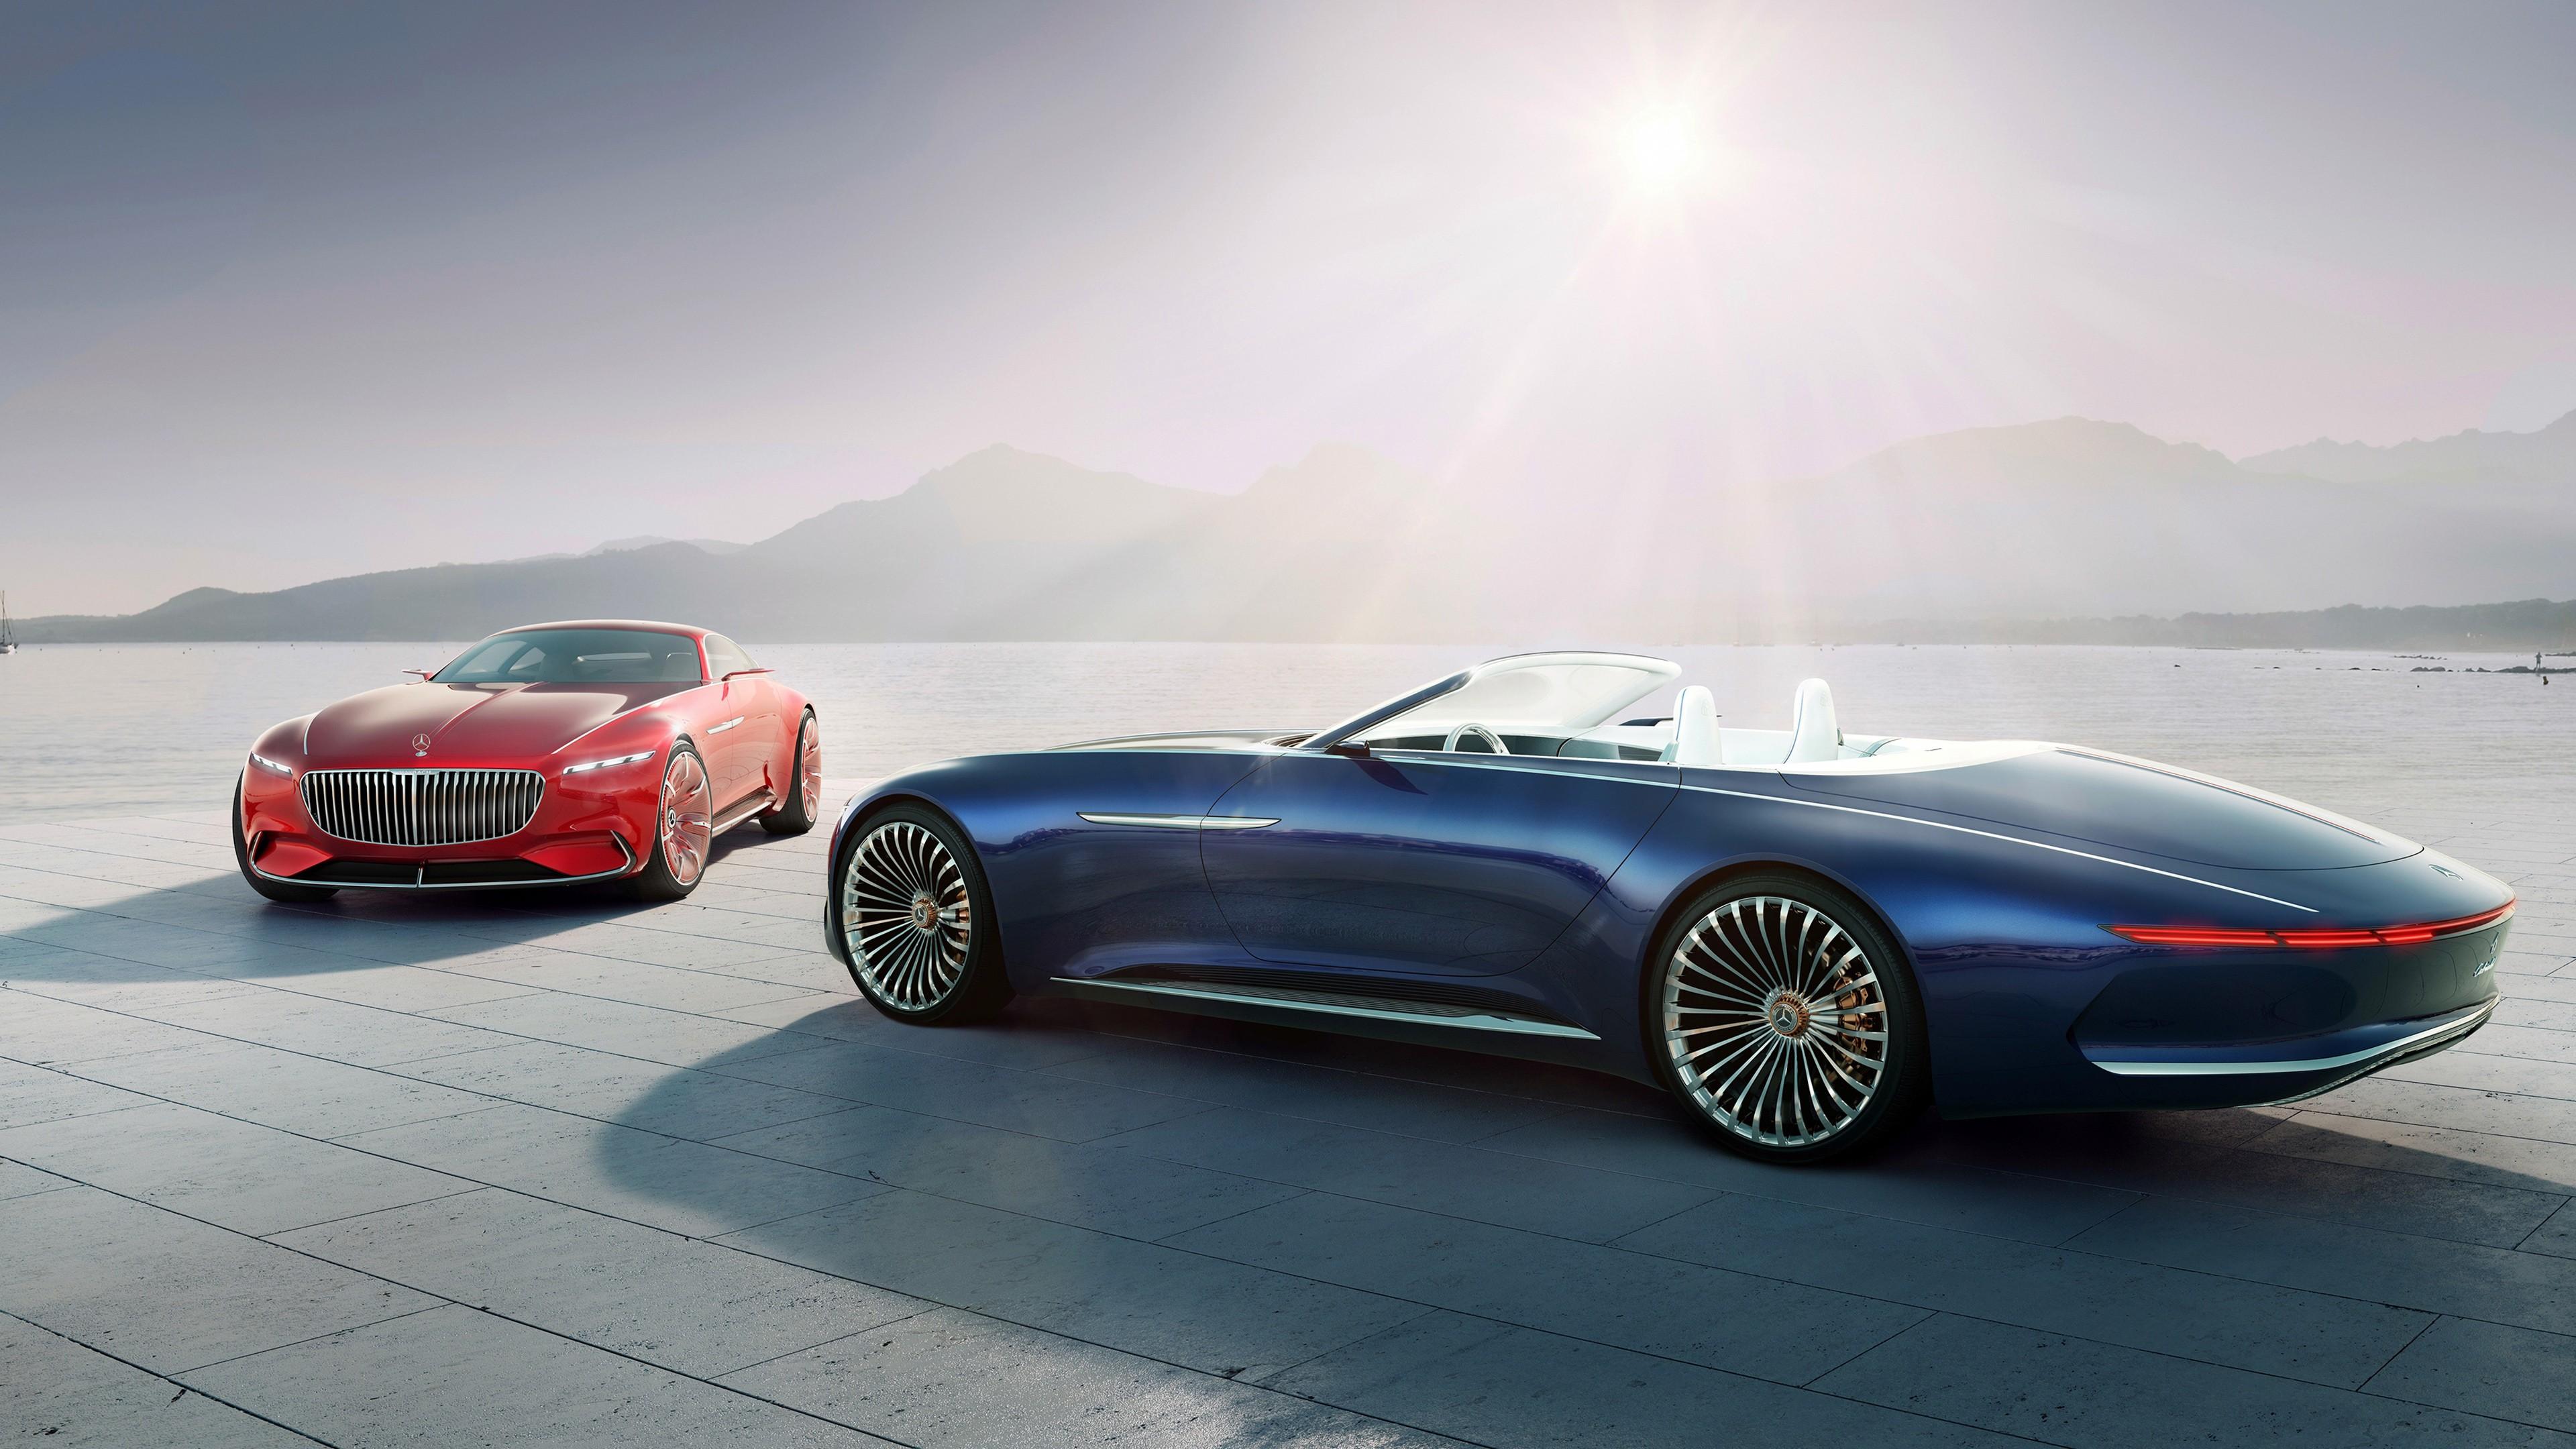 Wallpaper 4k Vision Mercedes Maybach 4k 2017 Cars Wallpapers